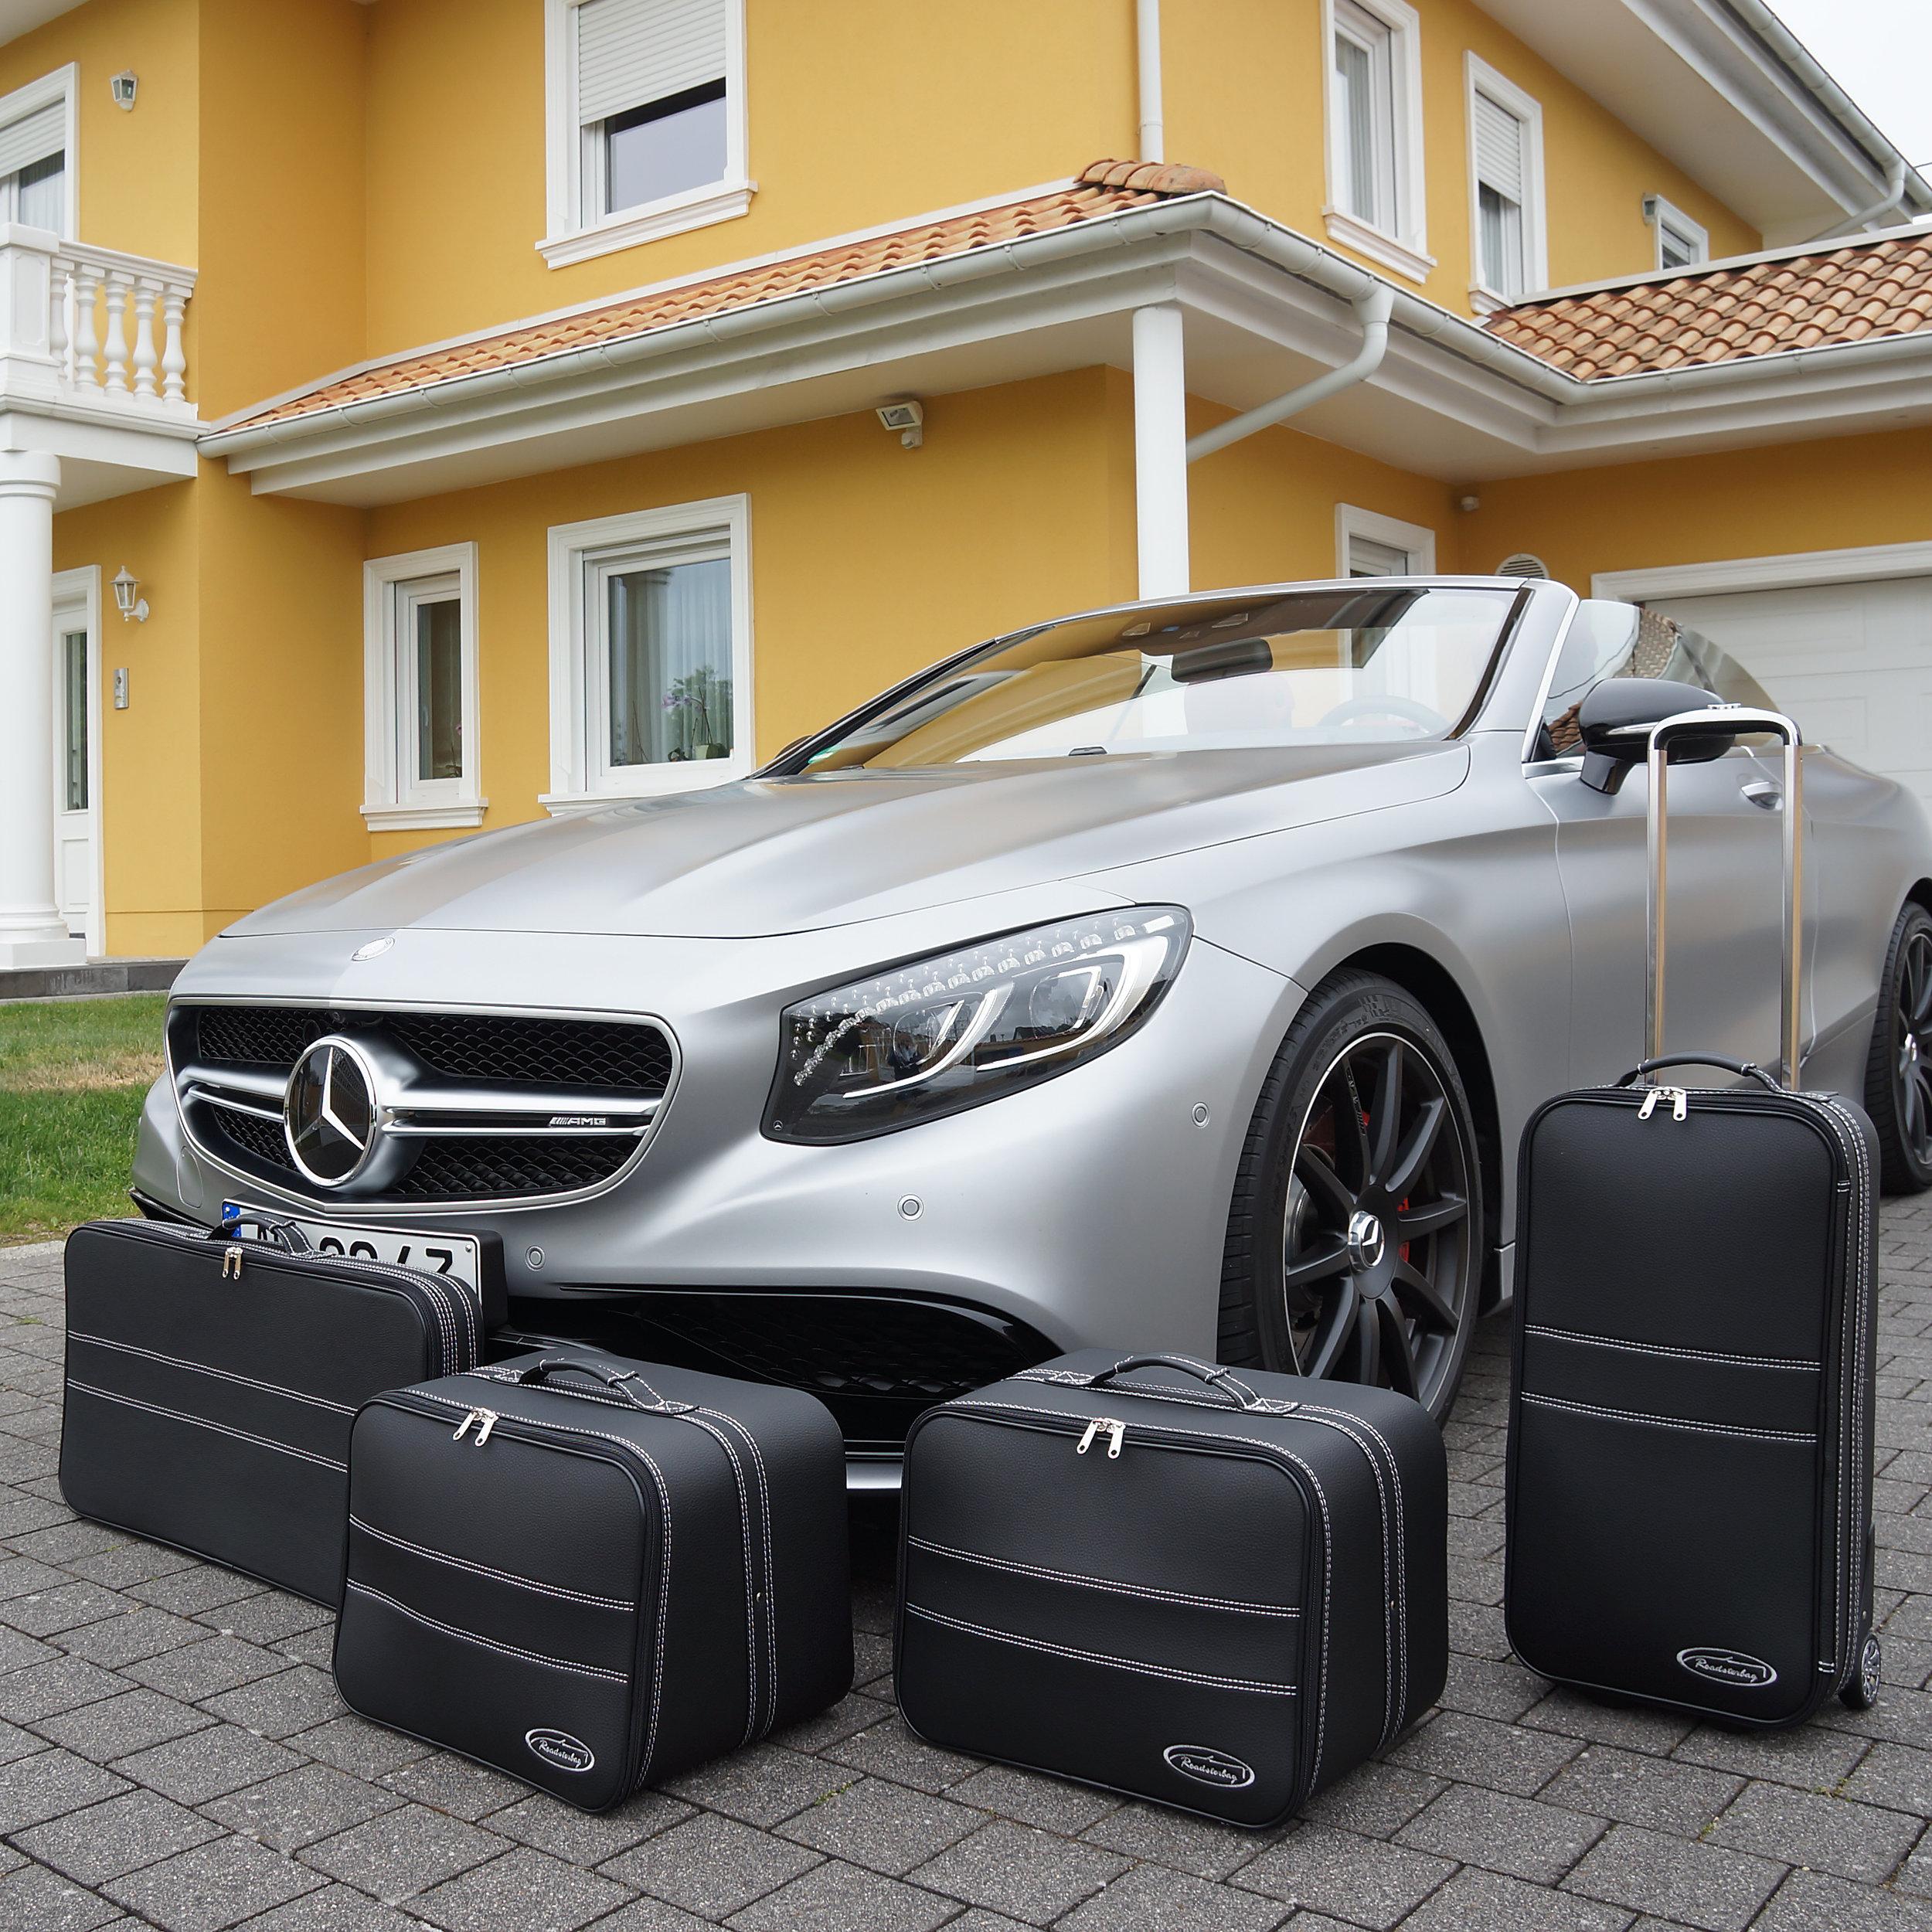 4-tlg. Kofferset mit 2 Rollen Mercedes S-Klasse Cabrio (A217)